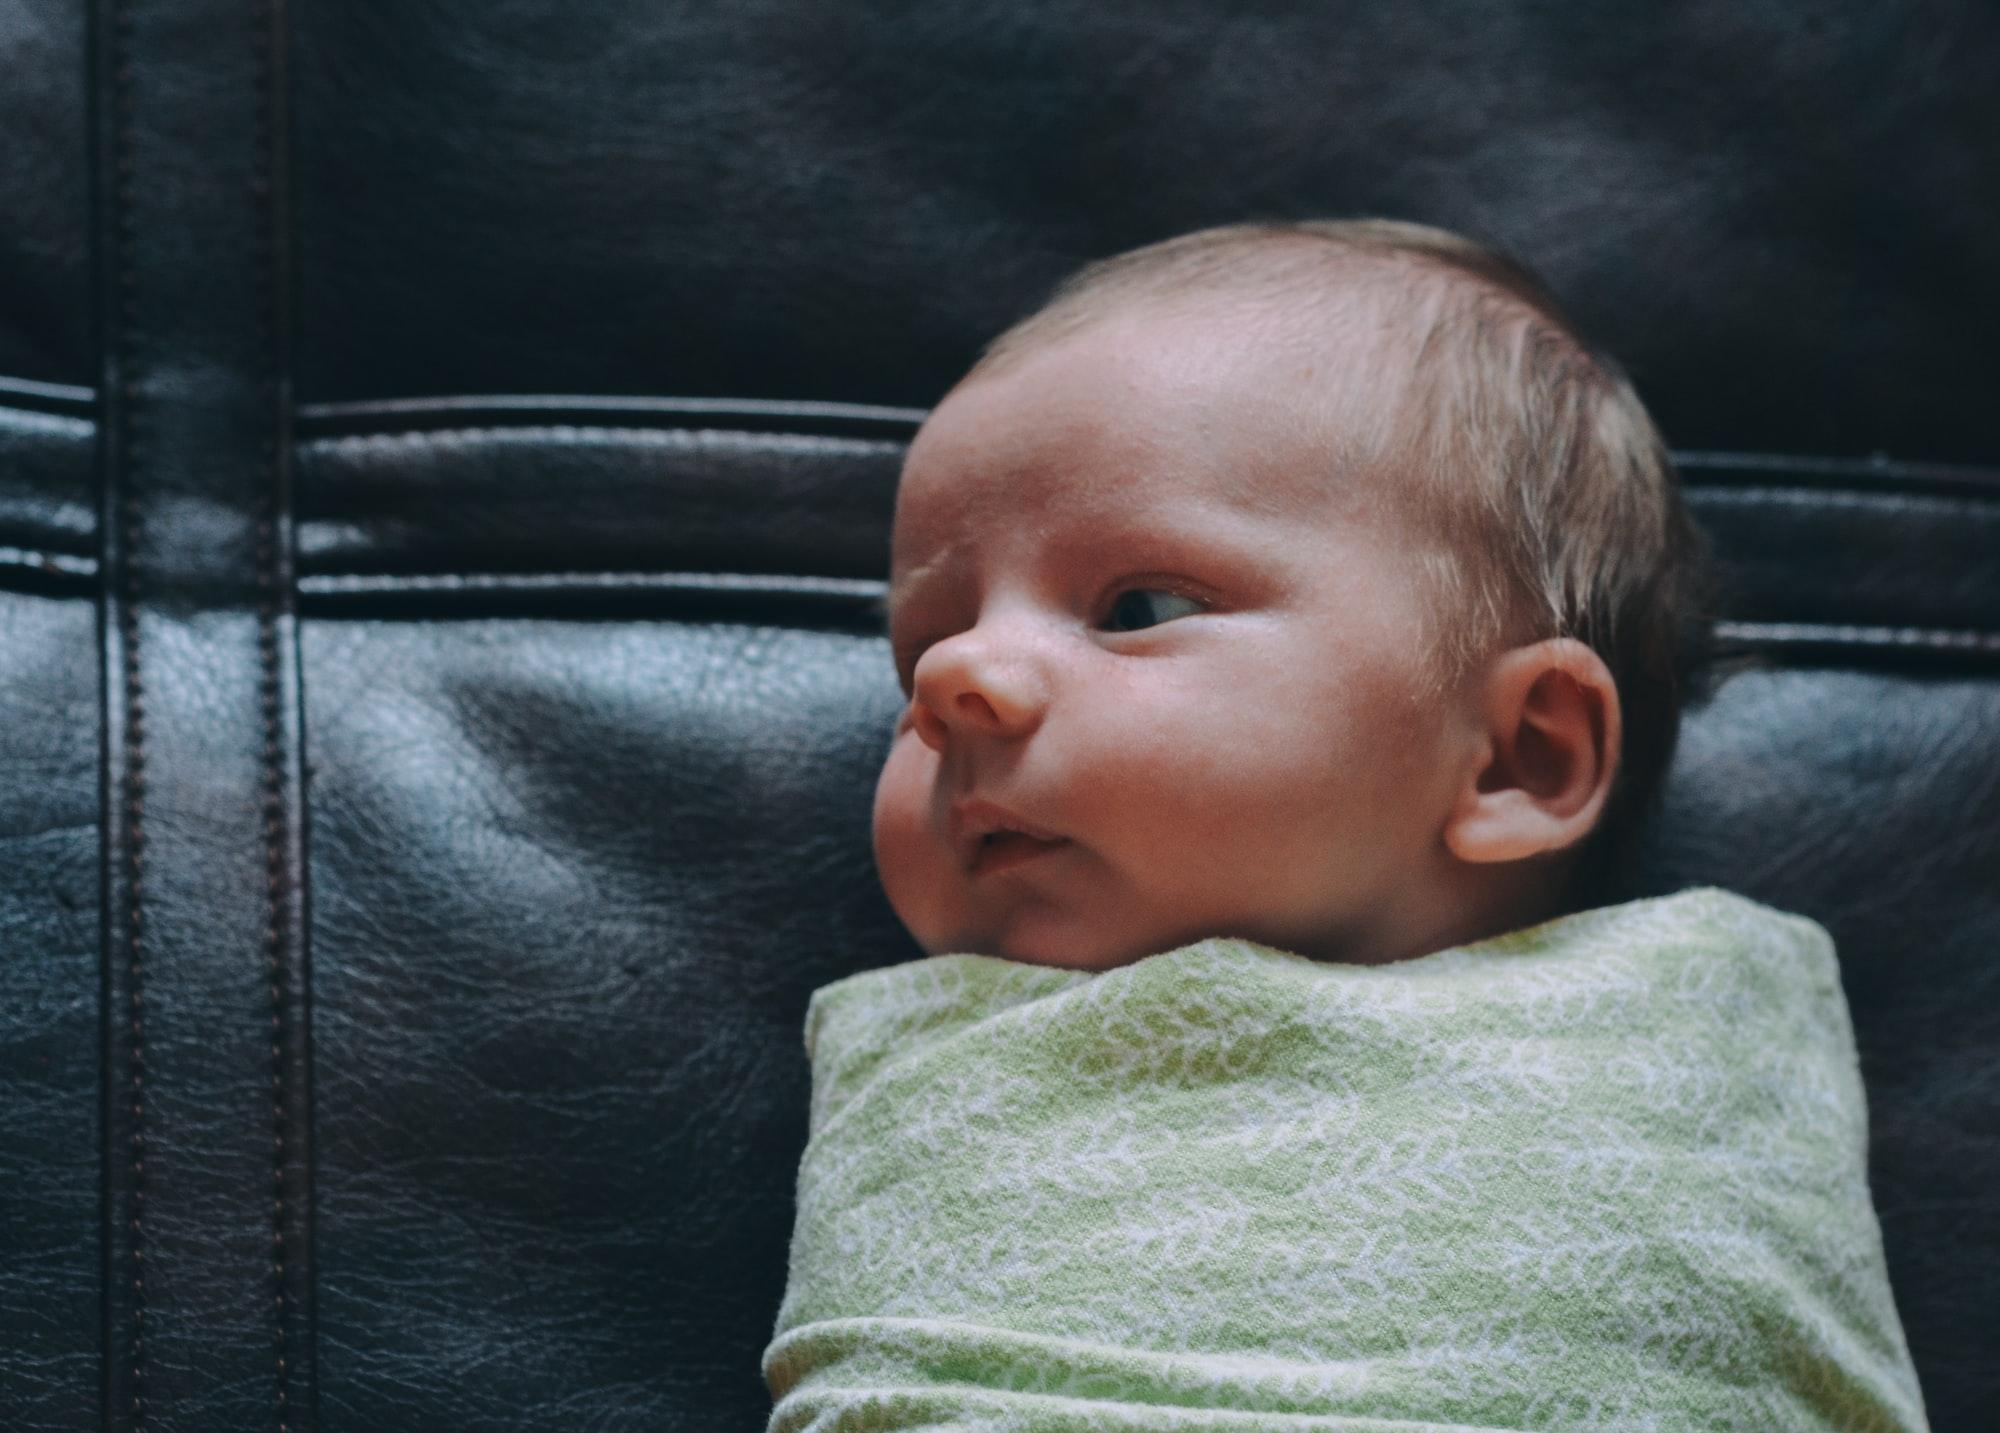 swaddle, baby swaddle, calm baby, breastfeeding